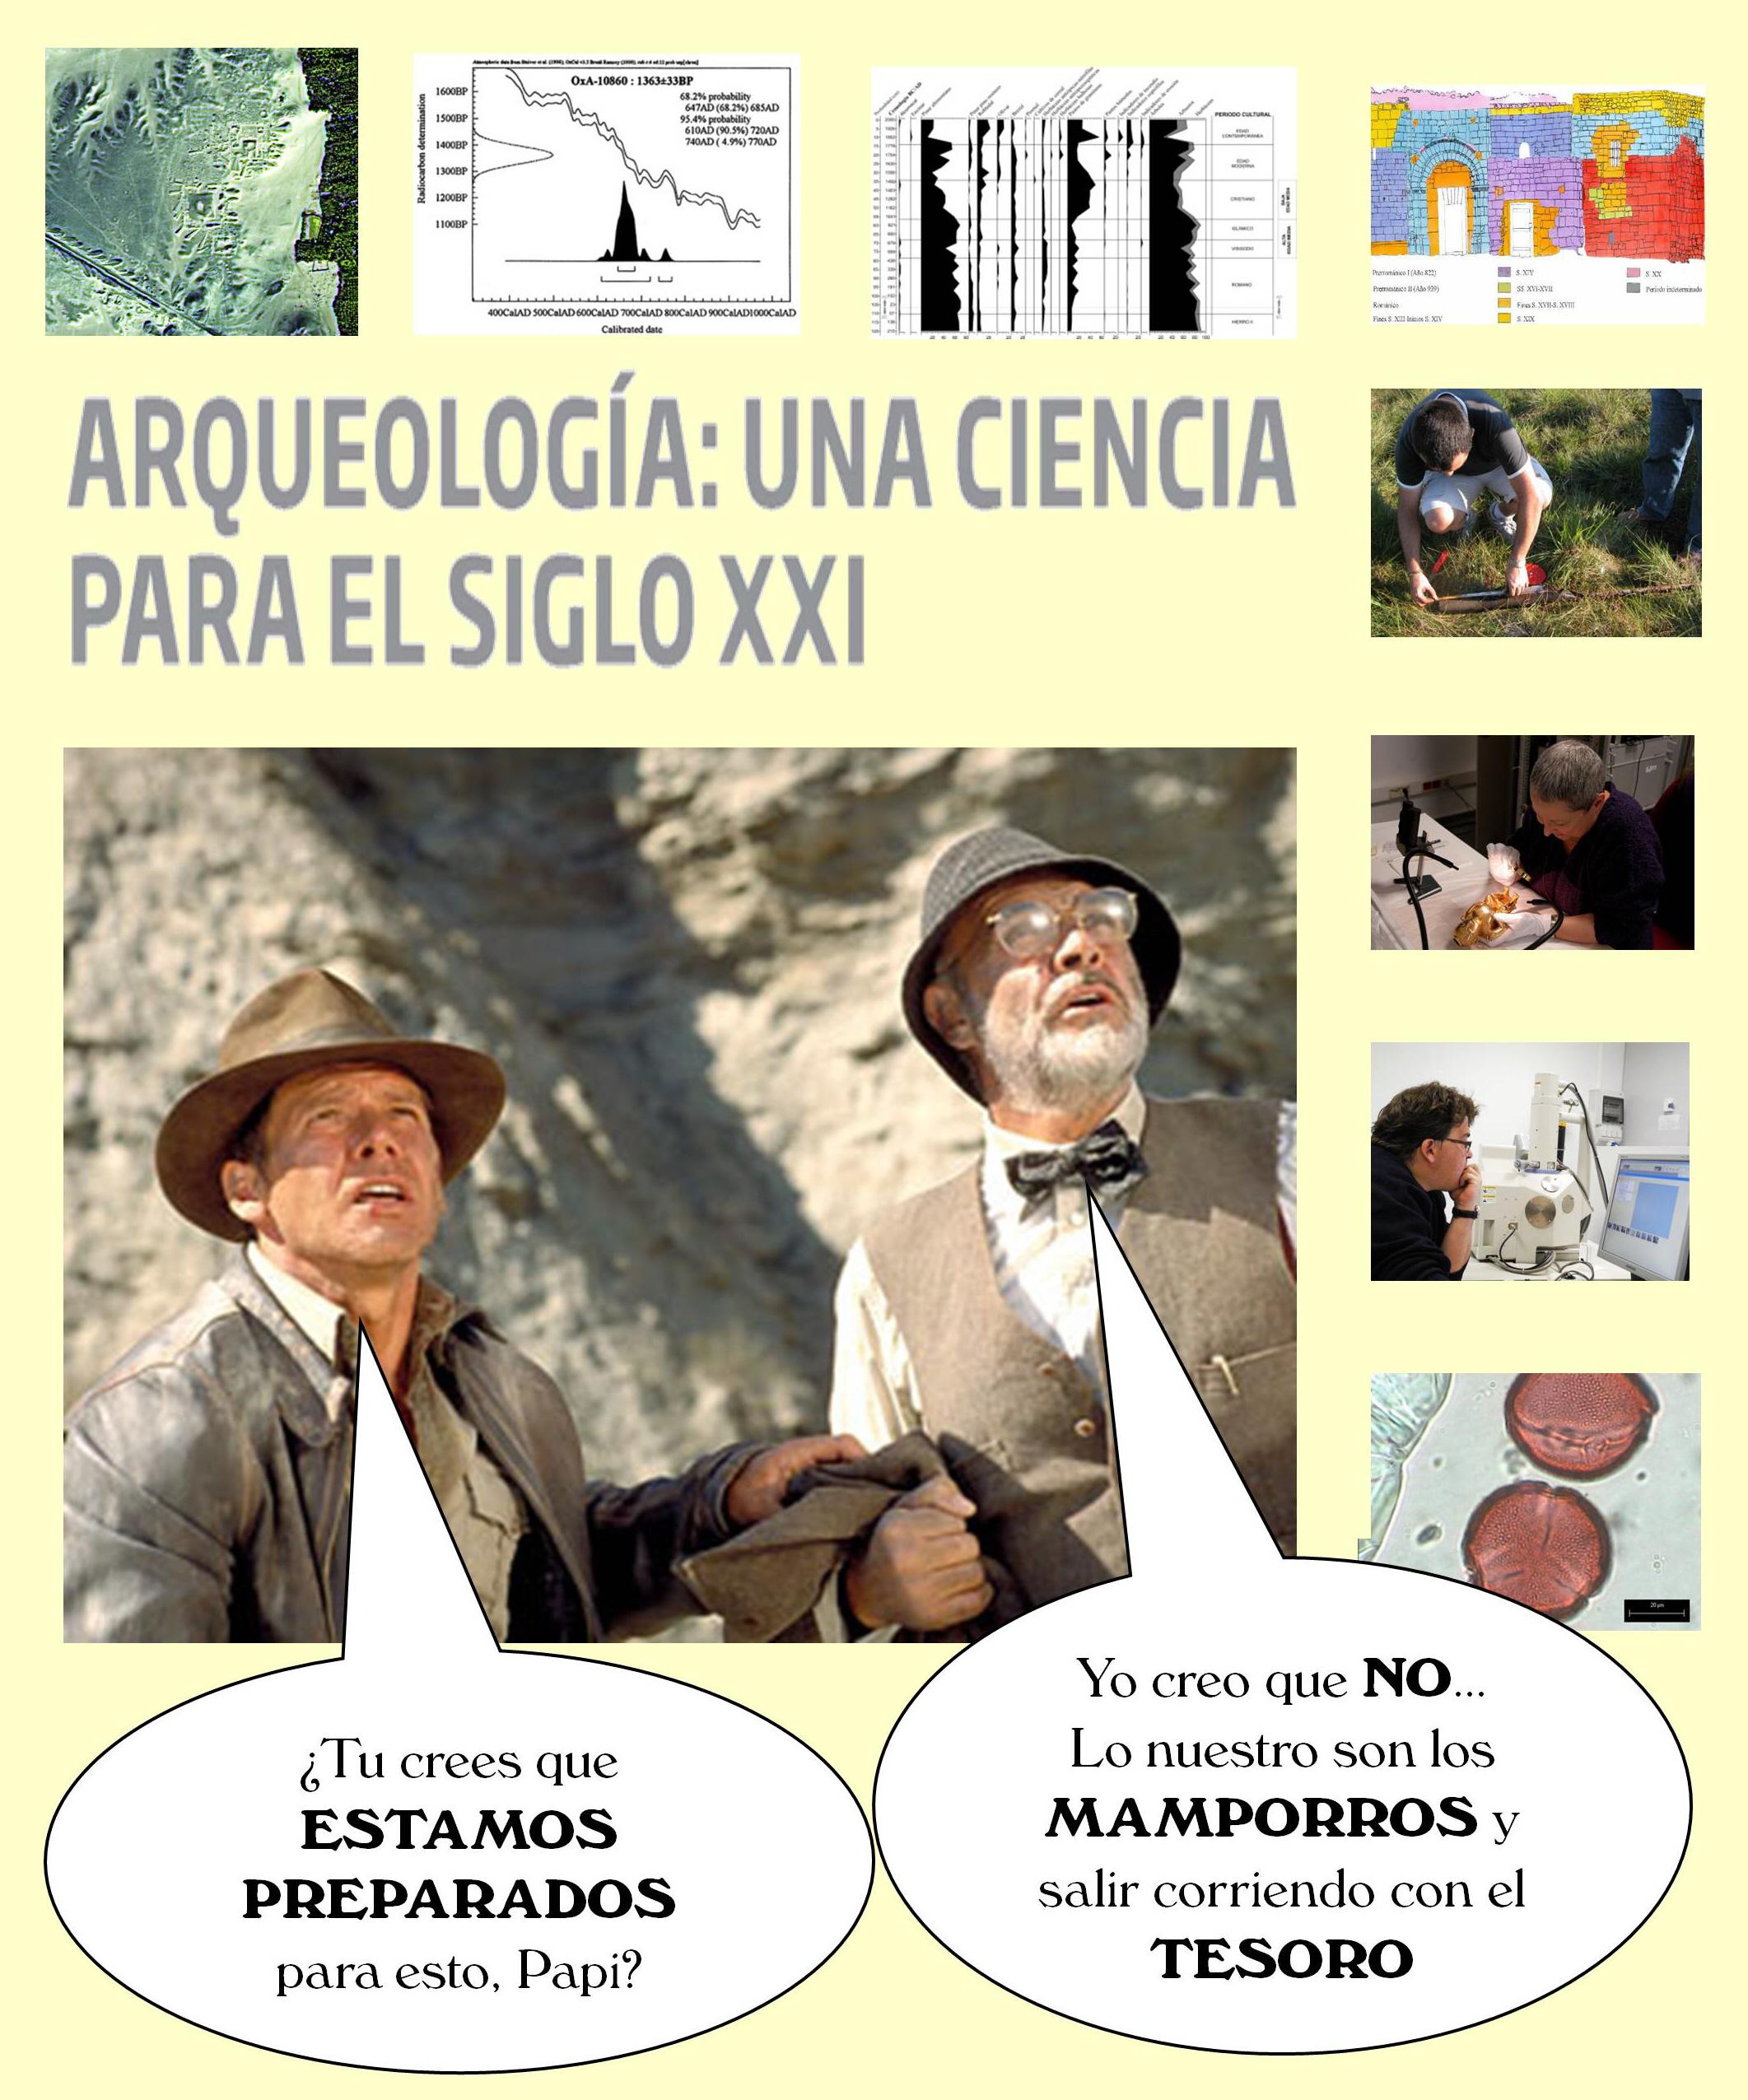 Arqueología: una ciencia para el siglo XXI